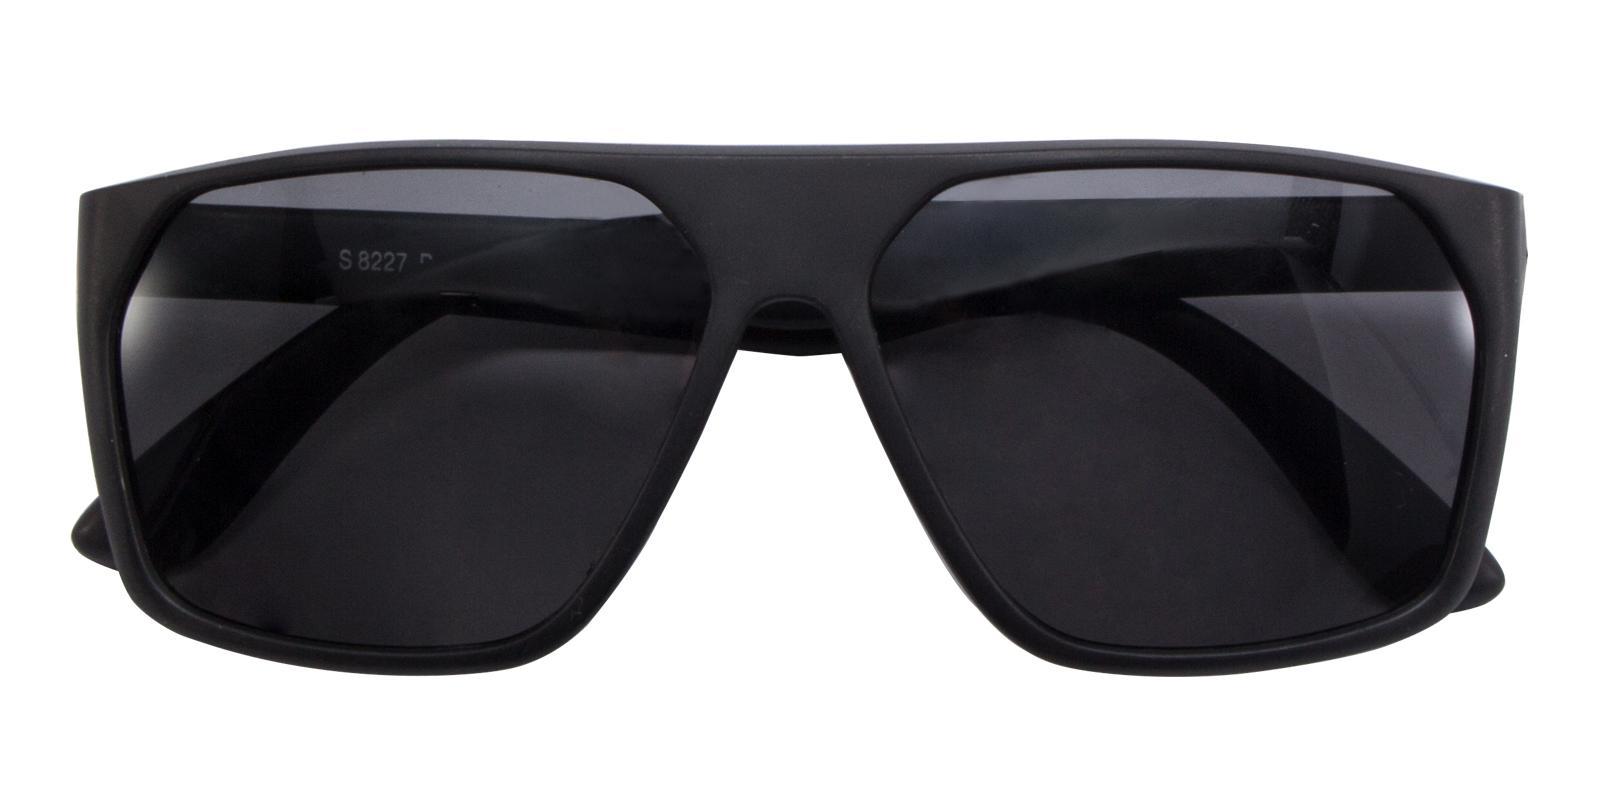 Sesamo Black TR Sunglasses , UniversalBridgeFit Frames from ABBE Glasses